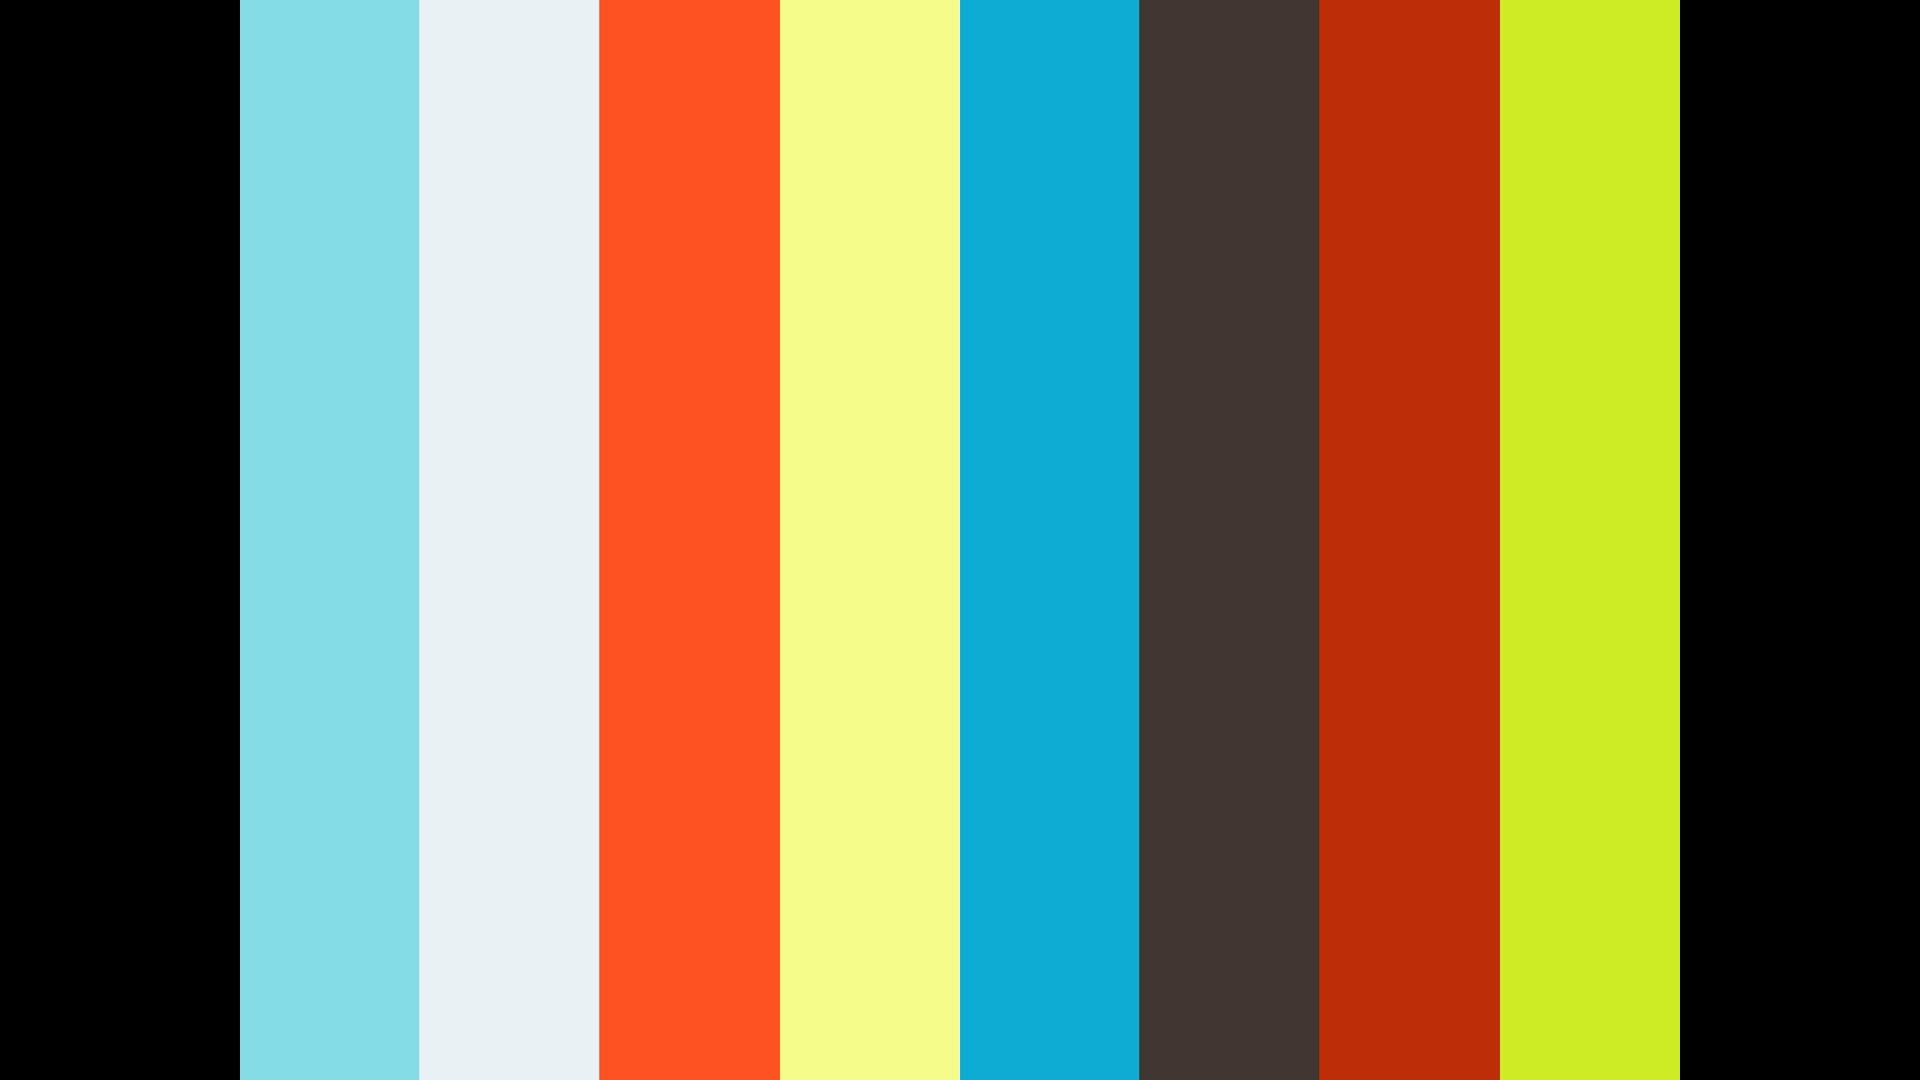 Documentación Terceras Jornadas Escena Digital 2018 -  #12Skyline